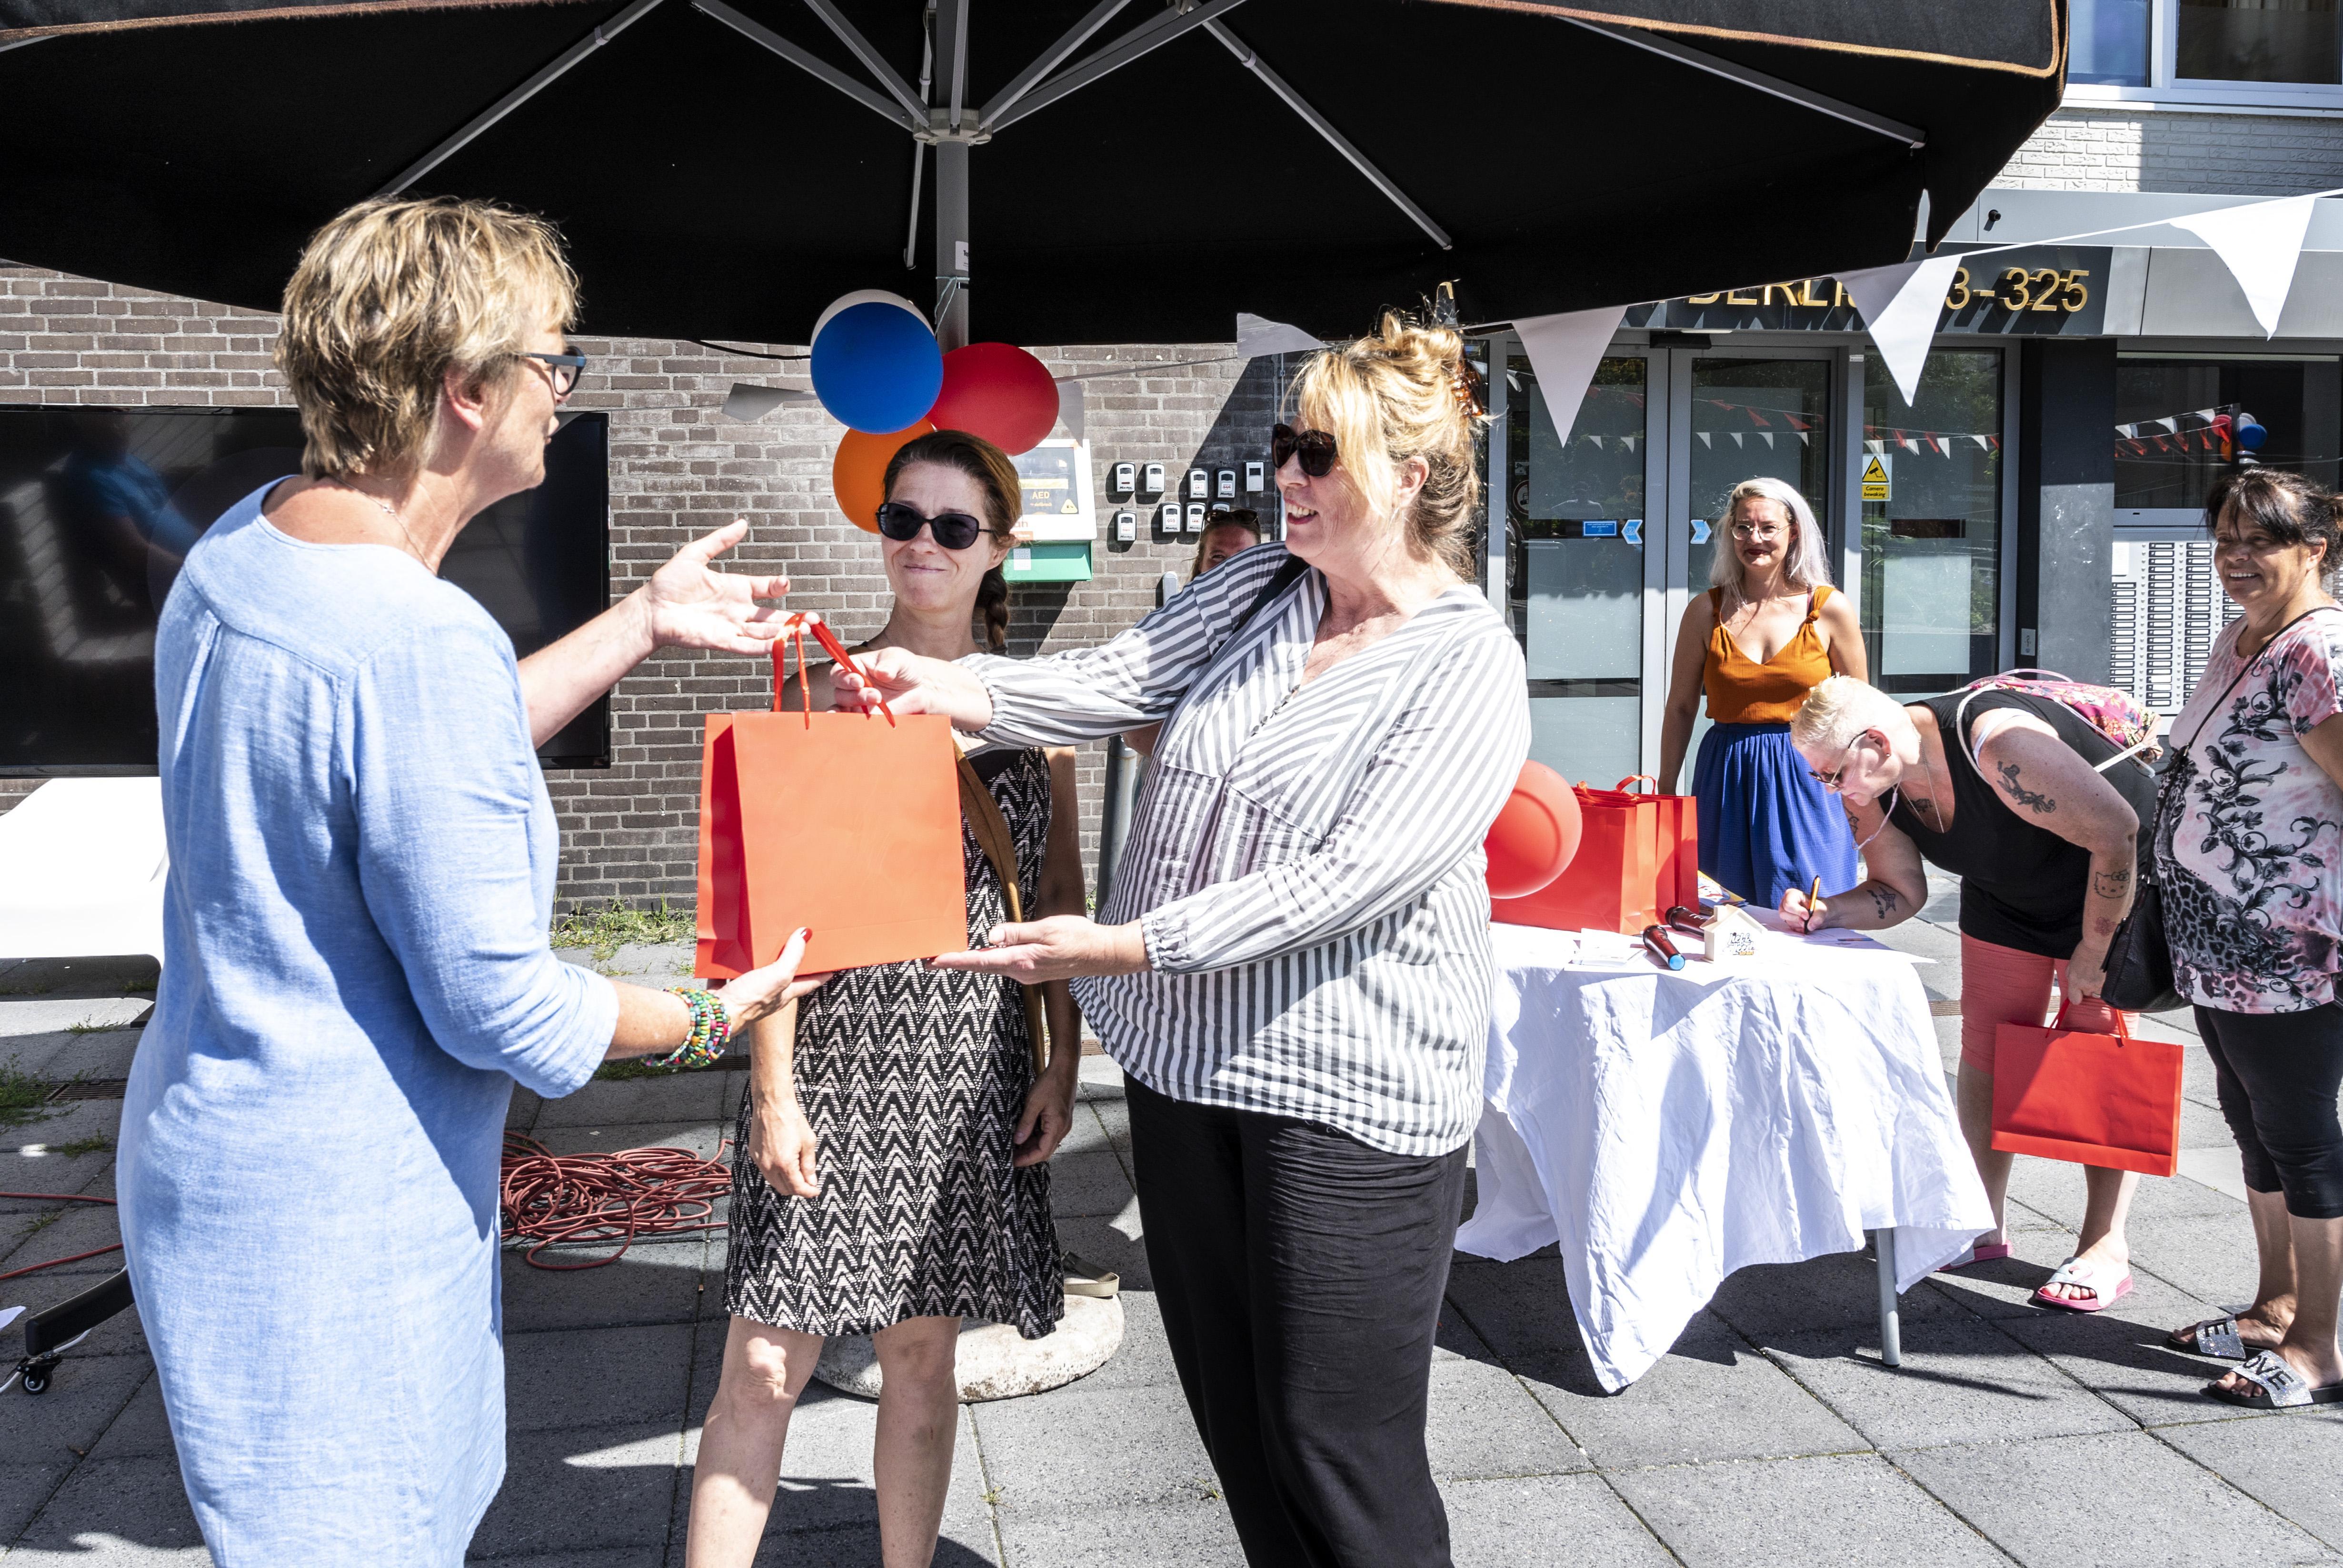 'Kleinigheidje voor je buren' met Haarlems project Lief & Leedstraten